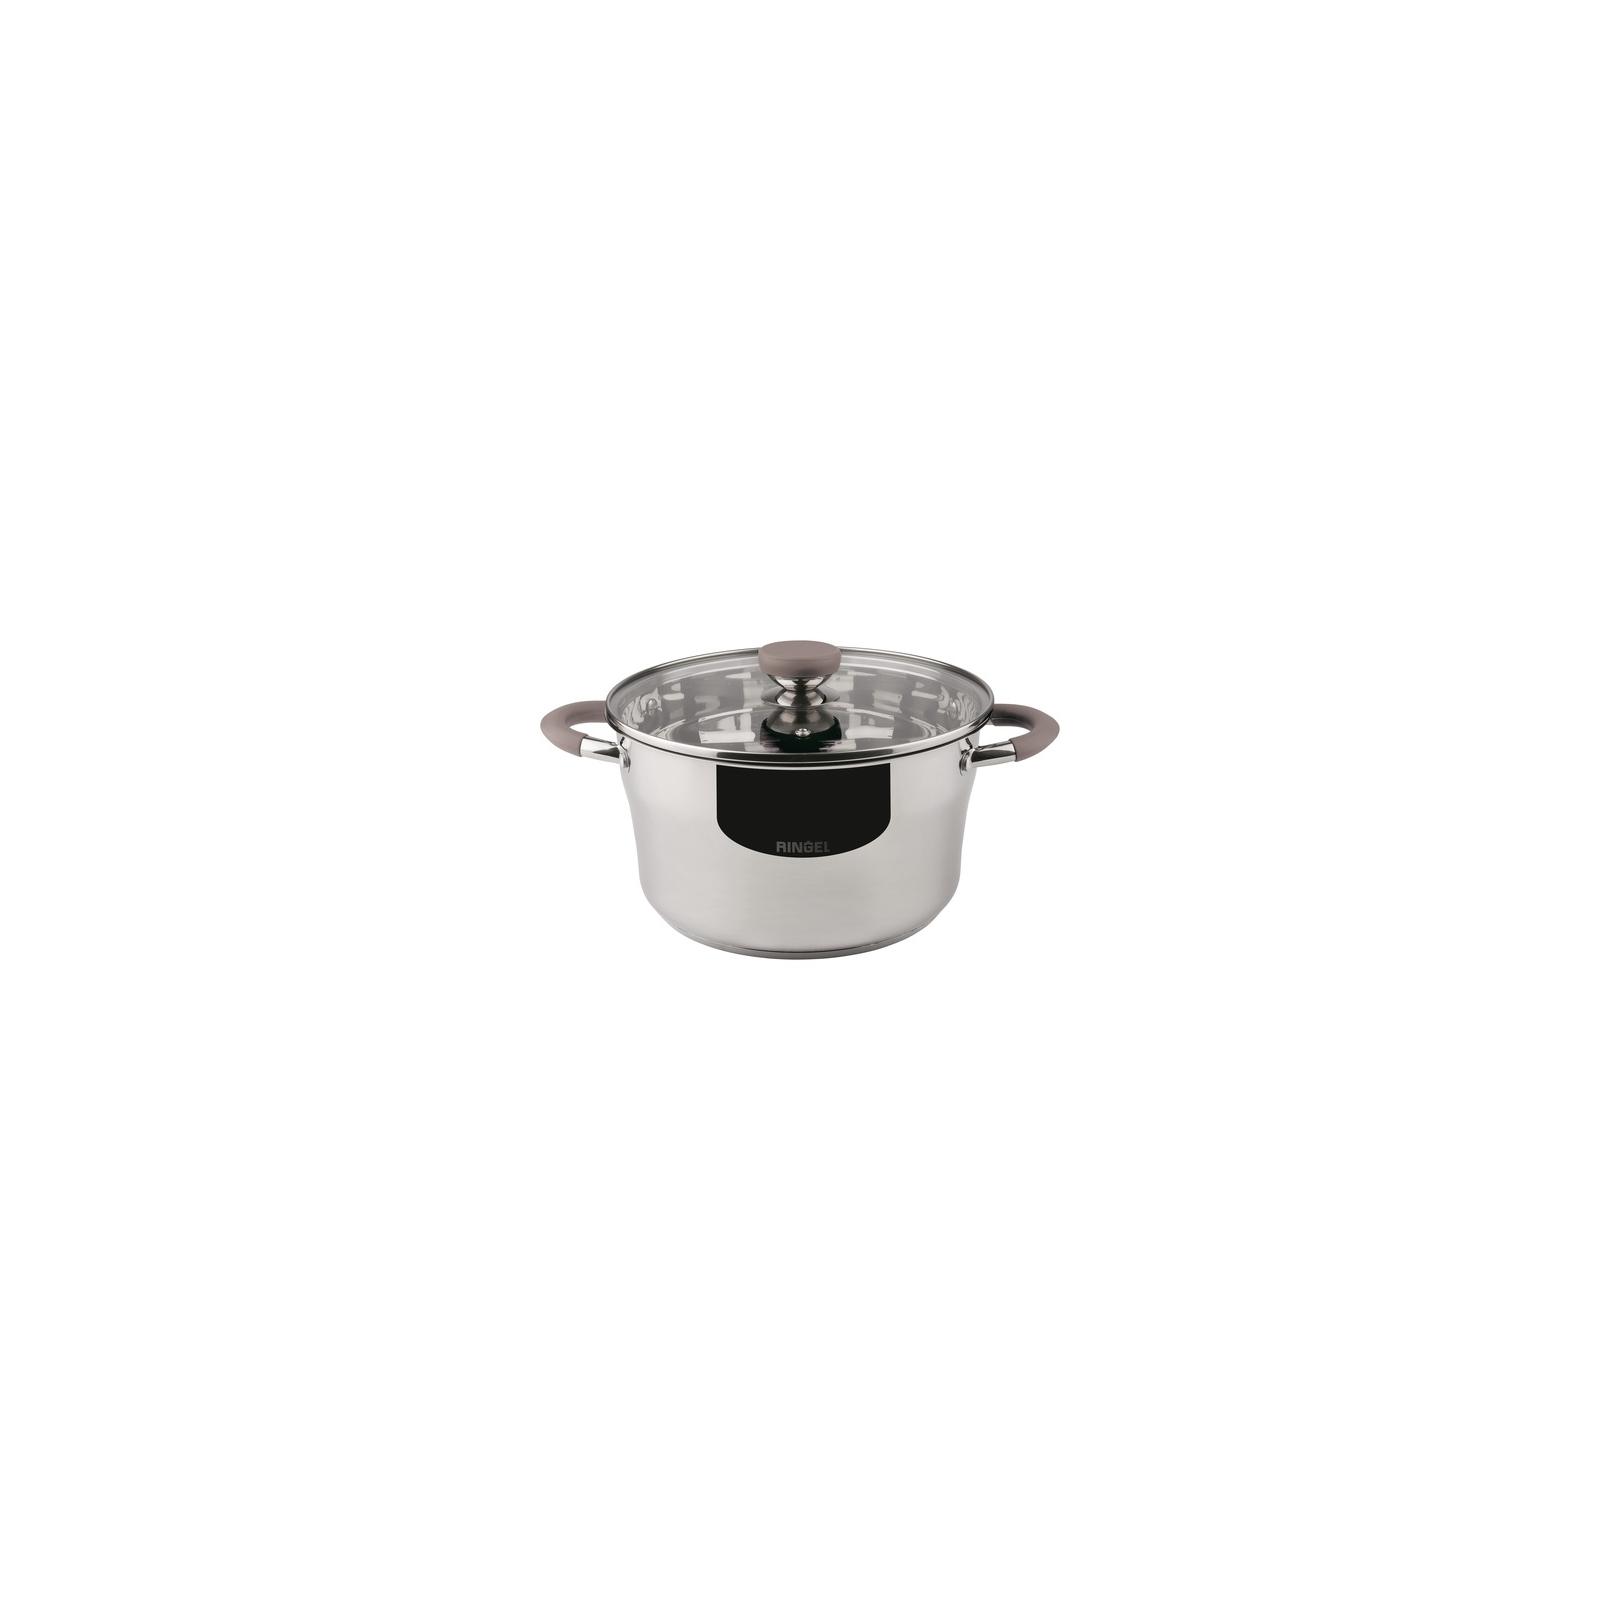 Набор посуды Ringel Trent 6 предметов (RG-6002) изображение 2